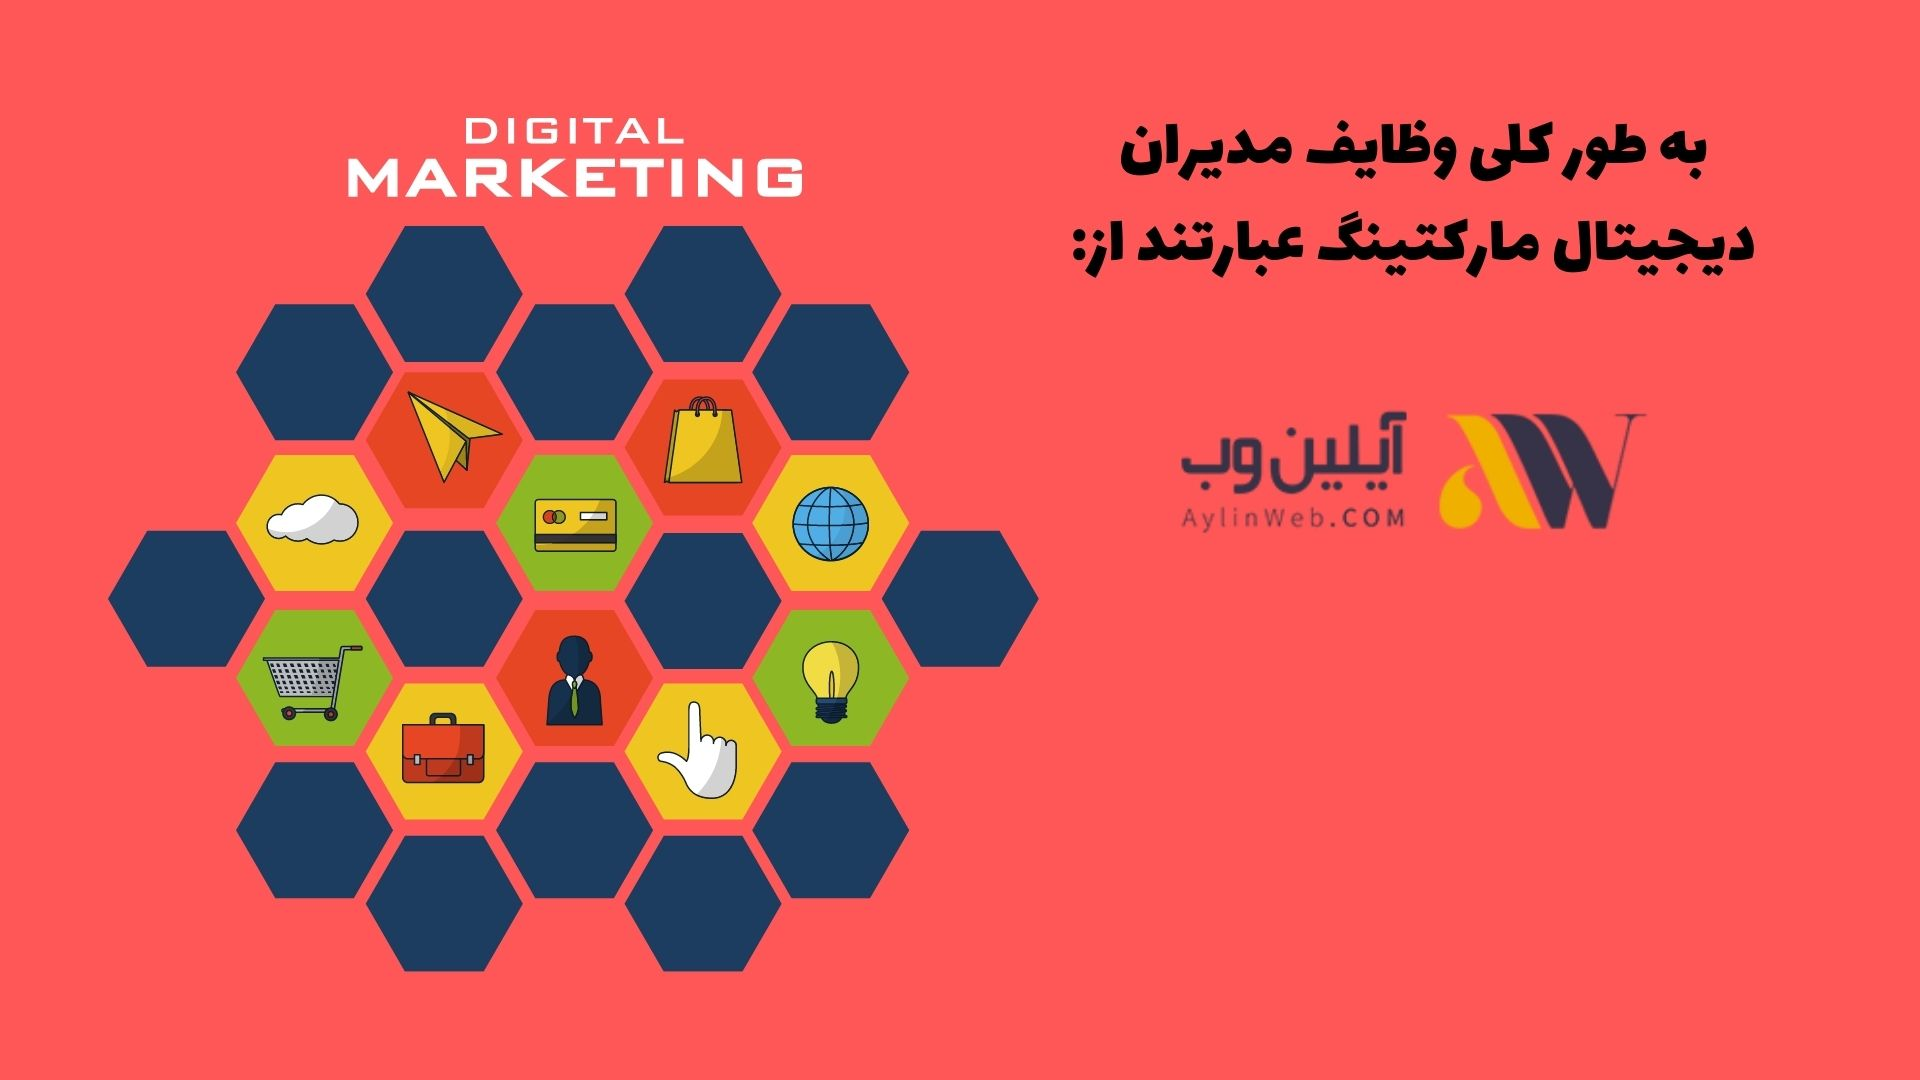 به طور کلی وظایف مدیران دیجیتال مارکتینگ عبارتند از: